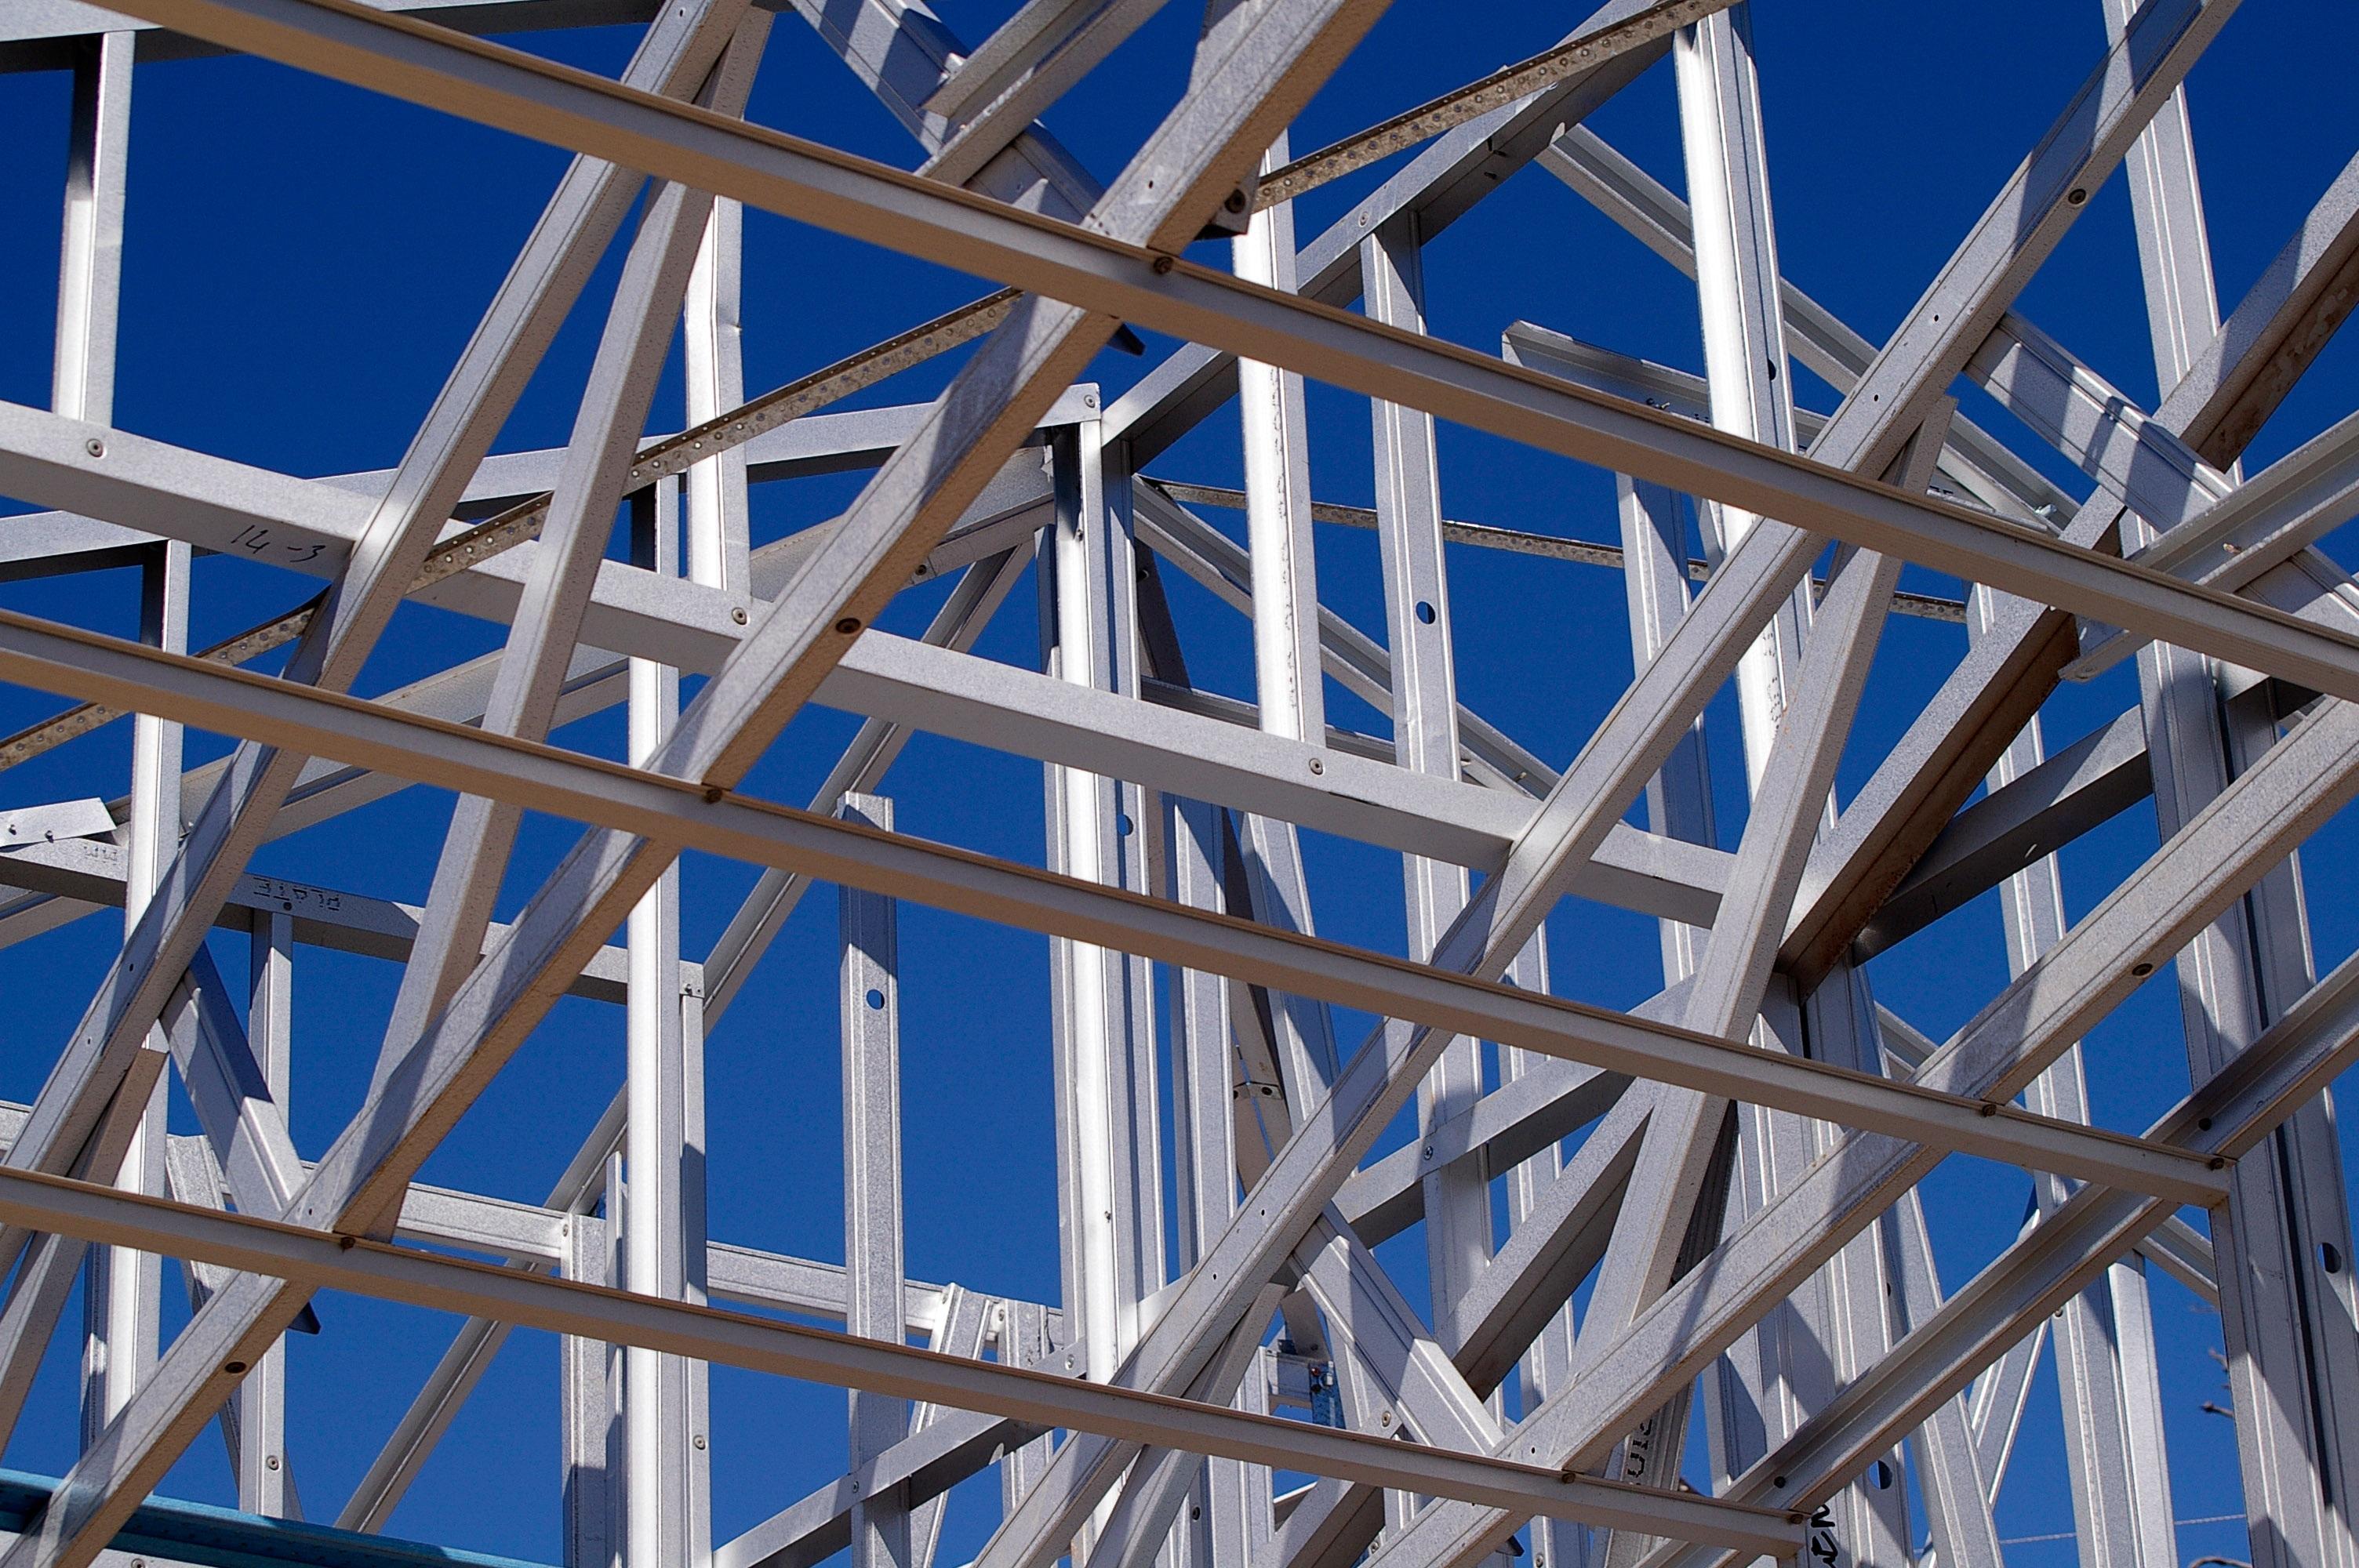 Kostenlose foto : Struktur, Brücke, stehlen, Linie, geometrisch ...